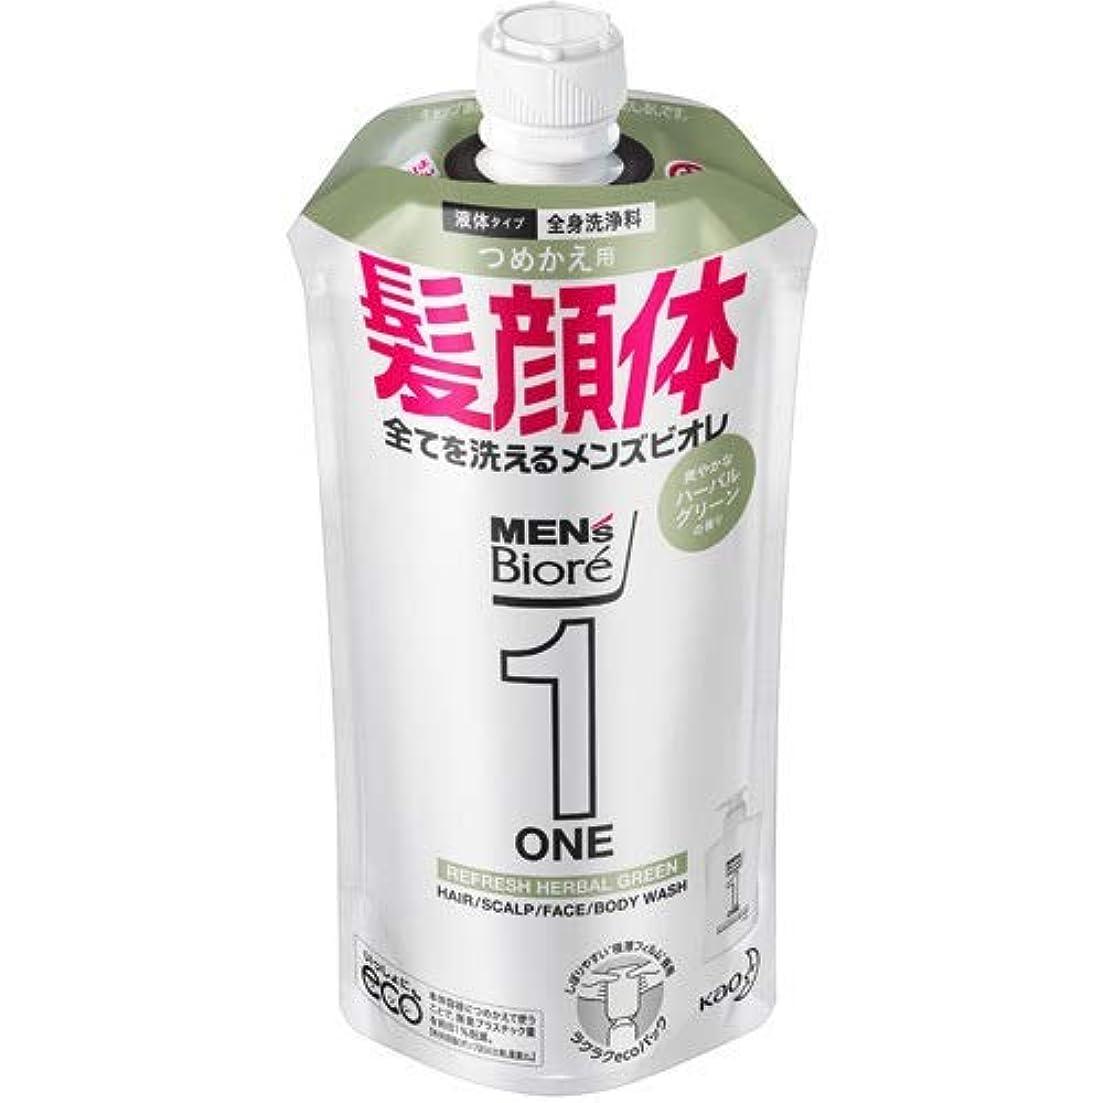 好む衰える脅かす【10個セット】メンズビオレONE オールインワン全身洗浄料 爽やかなハーブルグリーンの香り つめかえ用 340mL